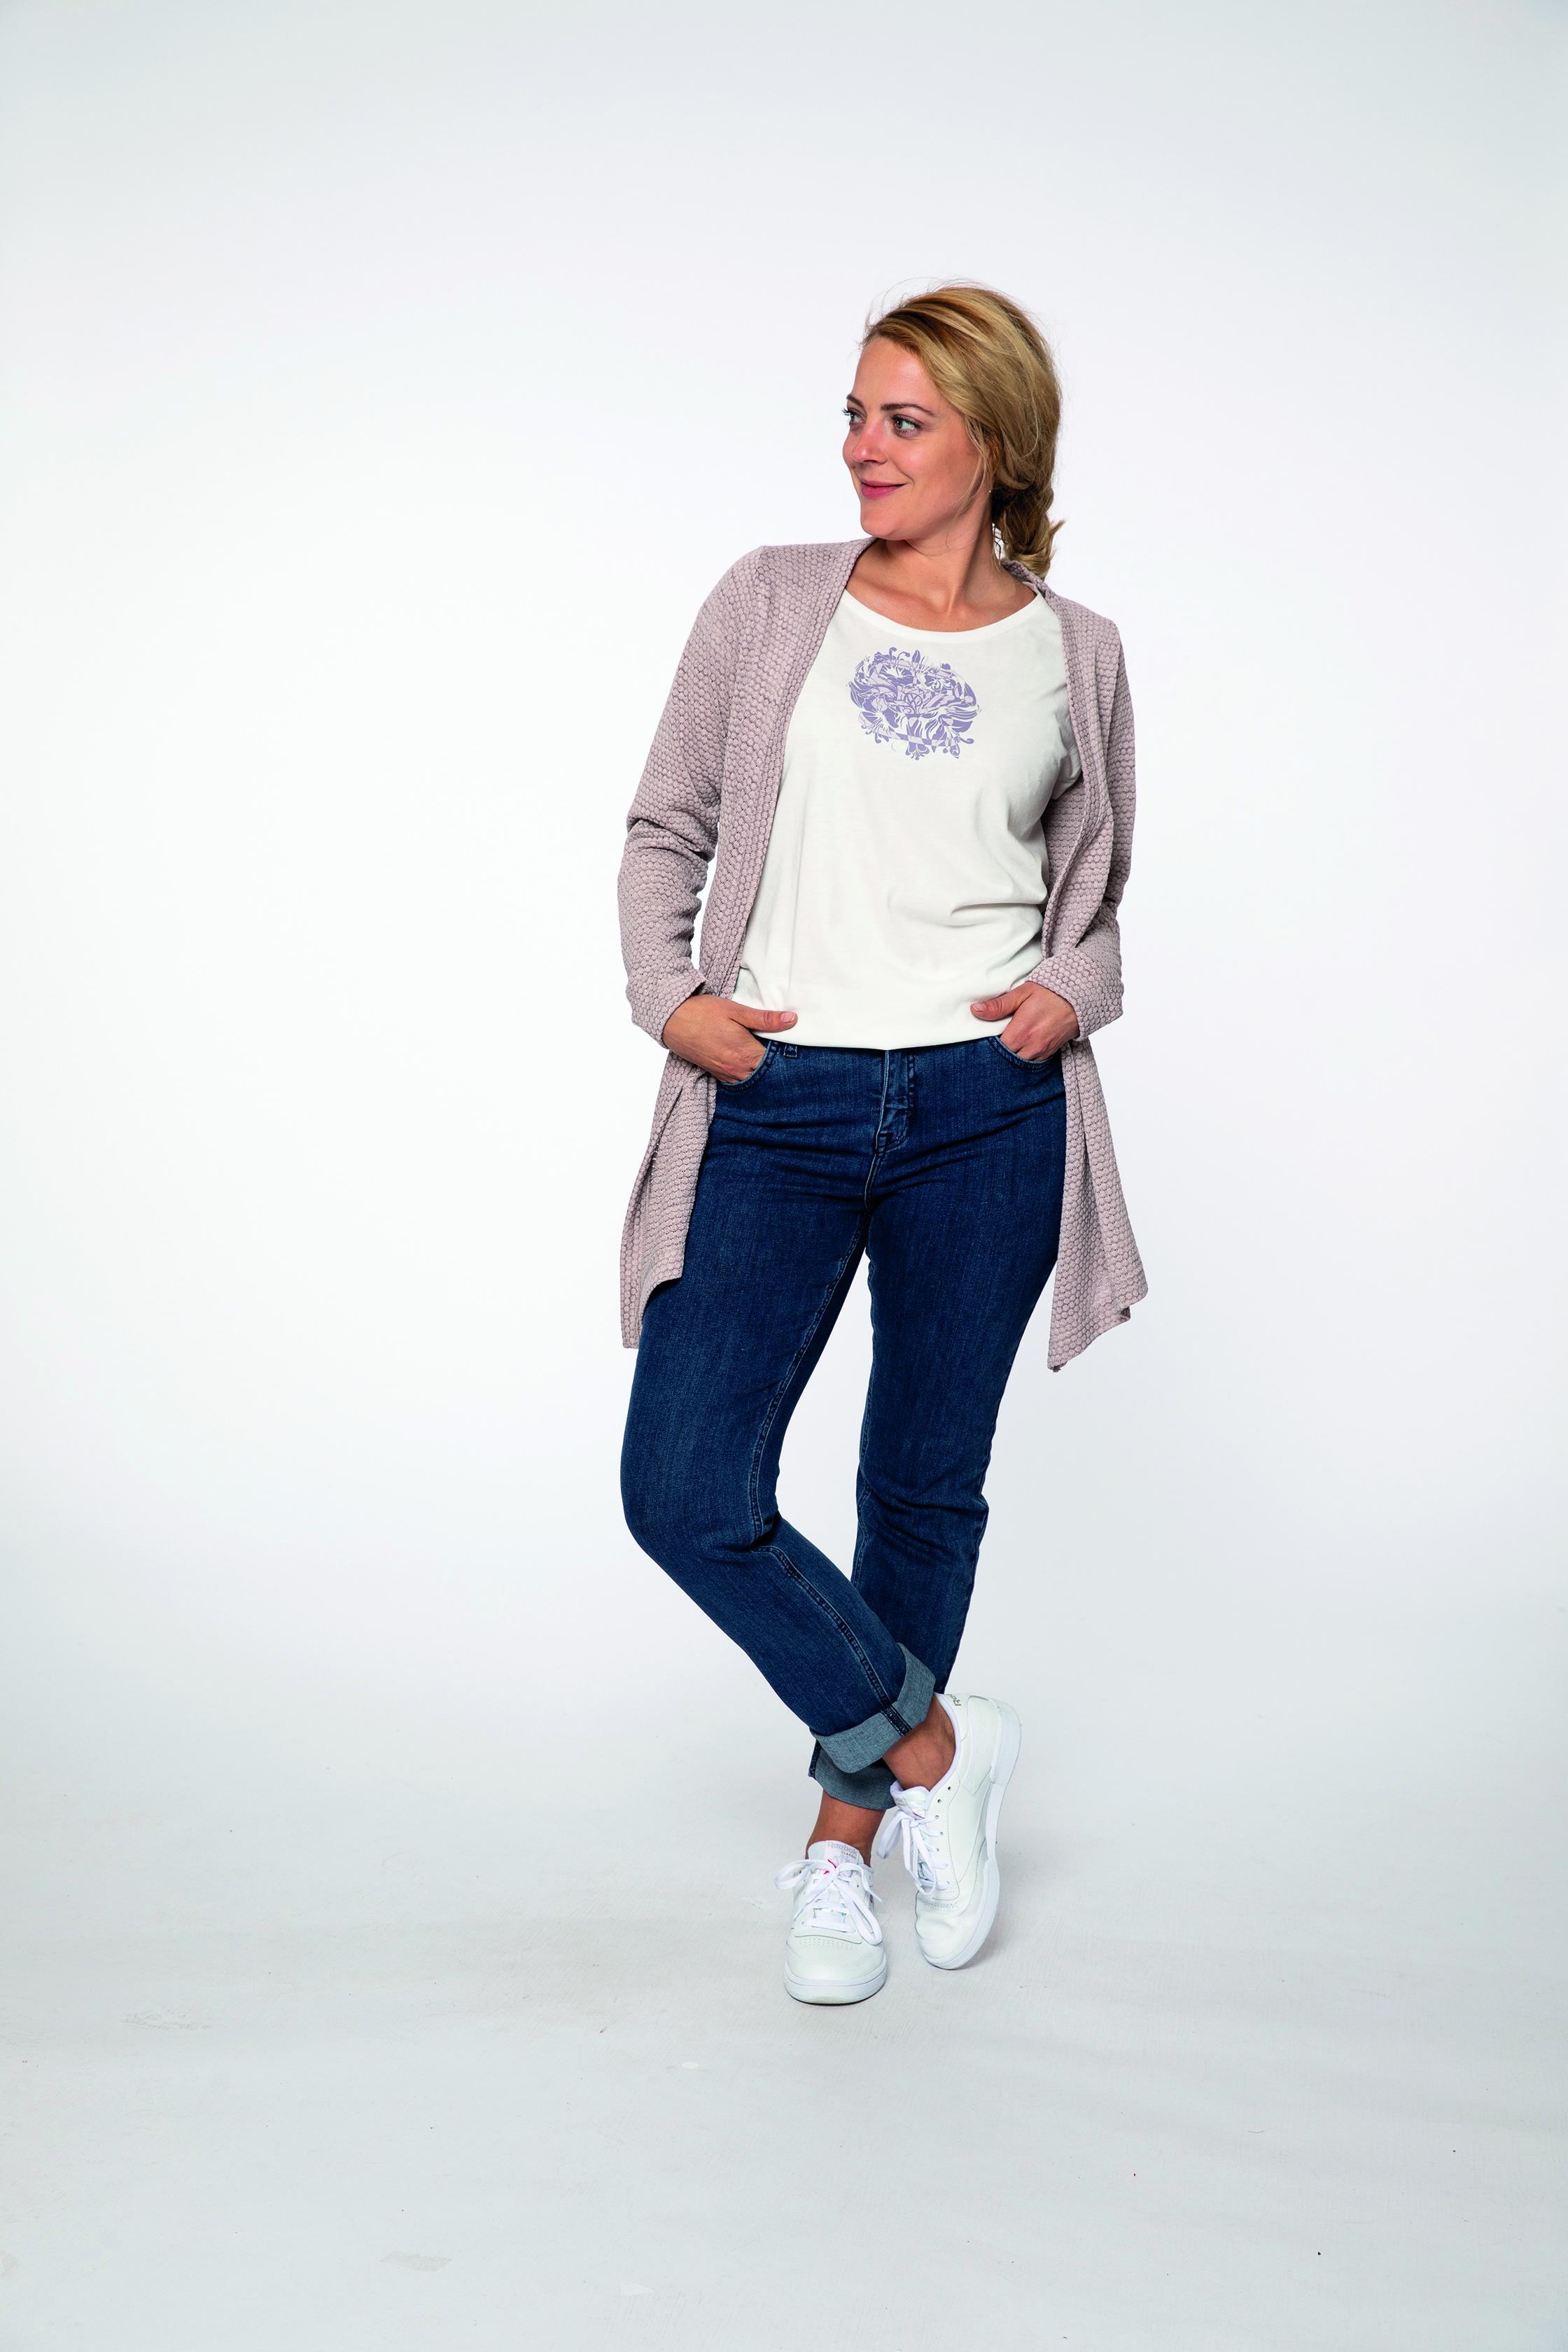 fleece jacket:  FLOWERCHILD   t-shirt:  SHIMMER   denim pants:  BLUEMOON